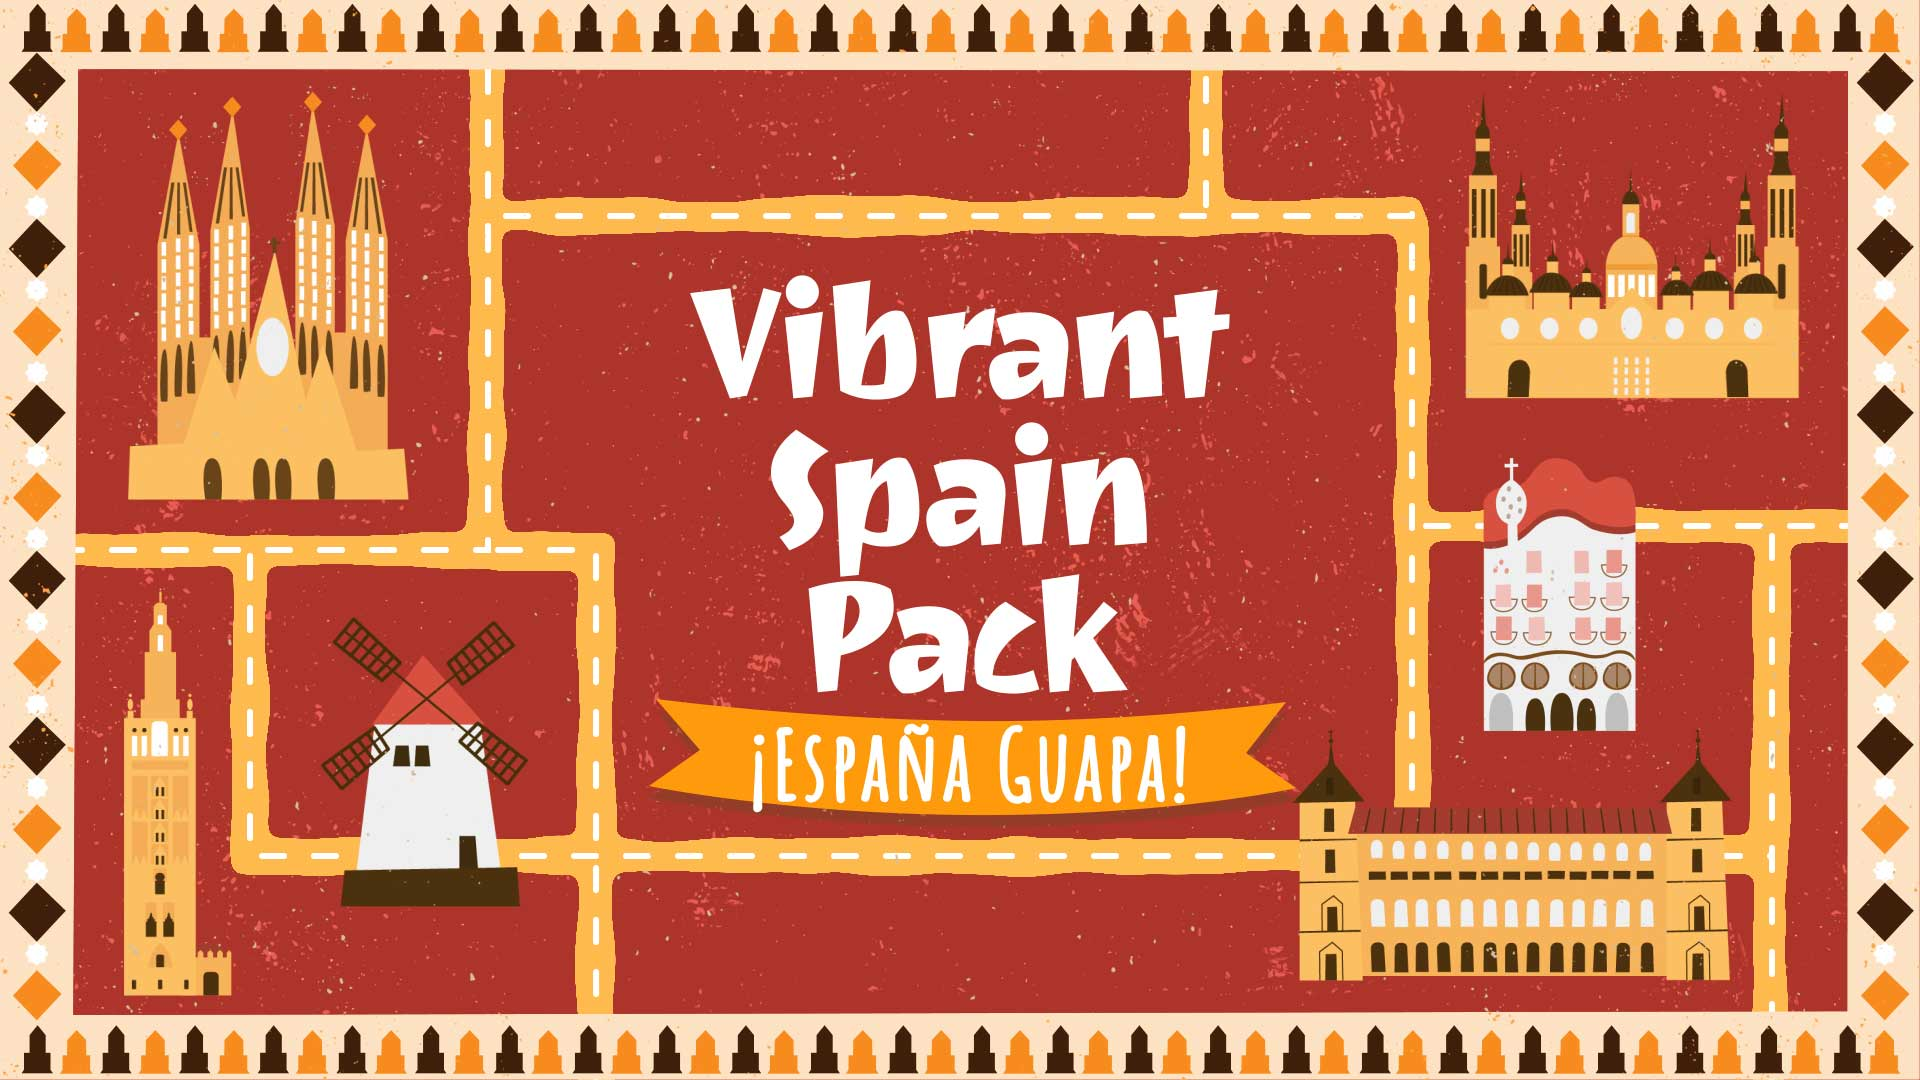 Vibrant Spain Pack